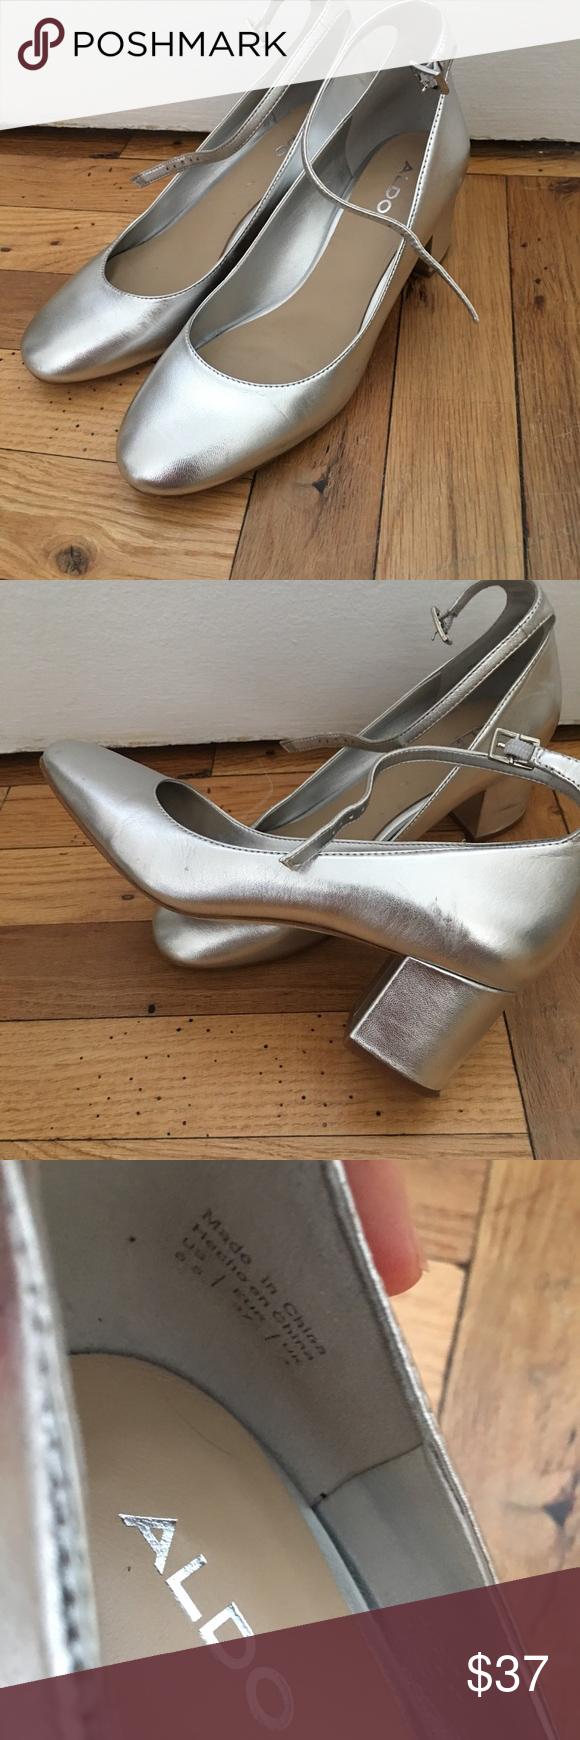 453f72fc3f6 Silver ALDO Clarisse Ankle Strap Pumps Comfortable